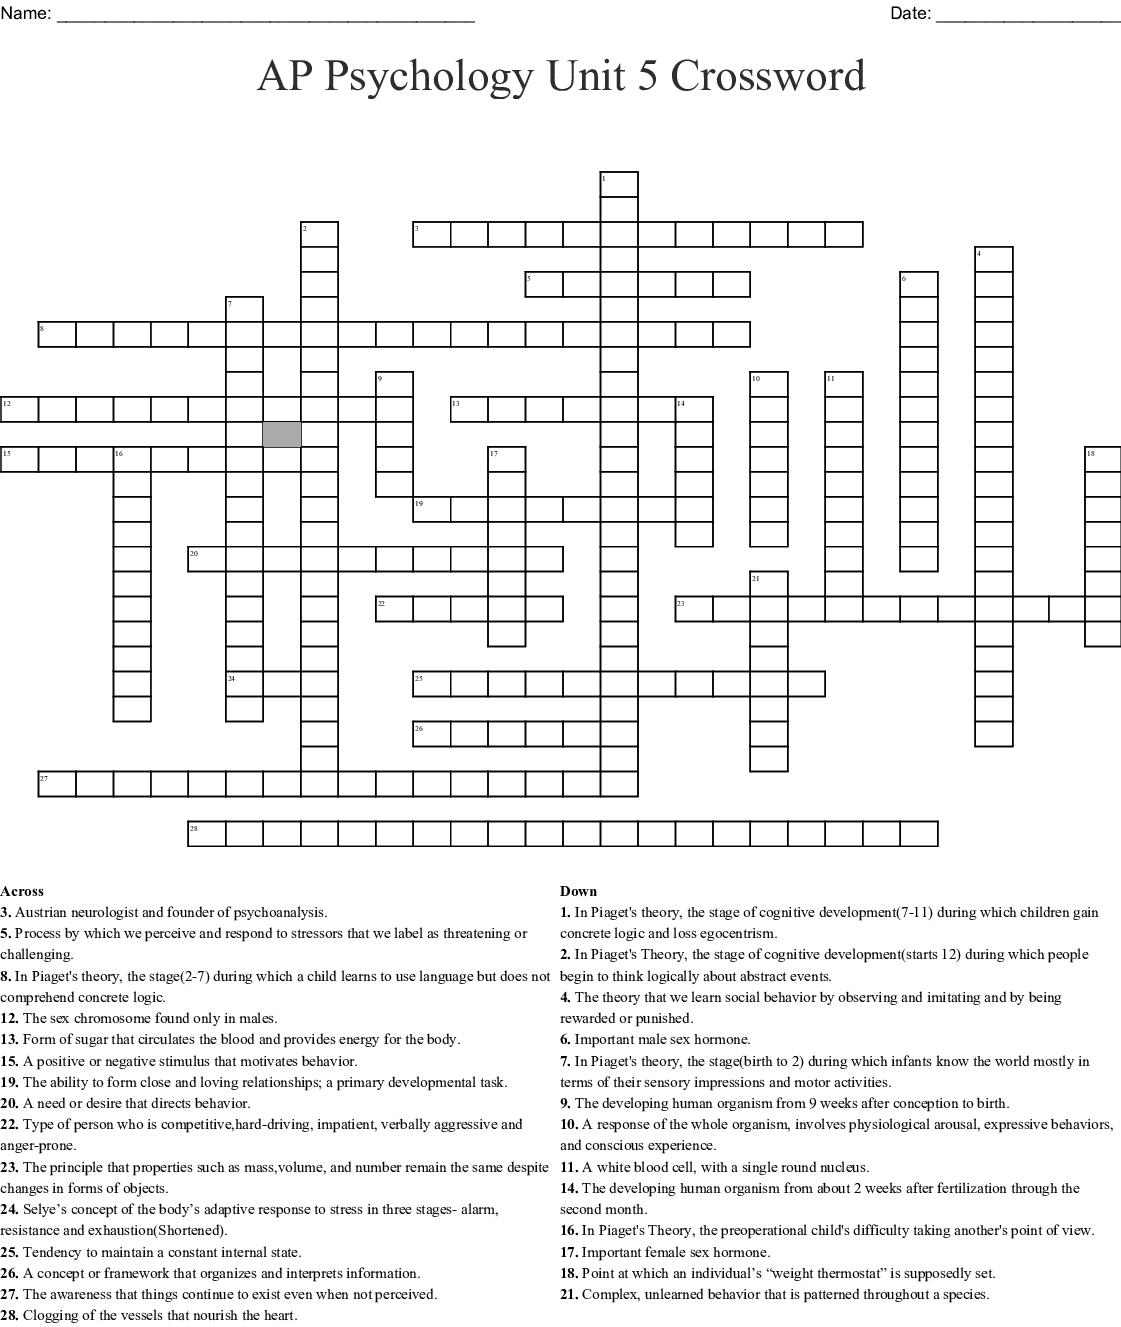 Chapter 6 Crossword